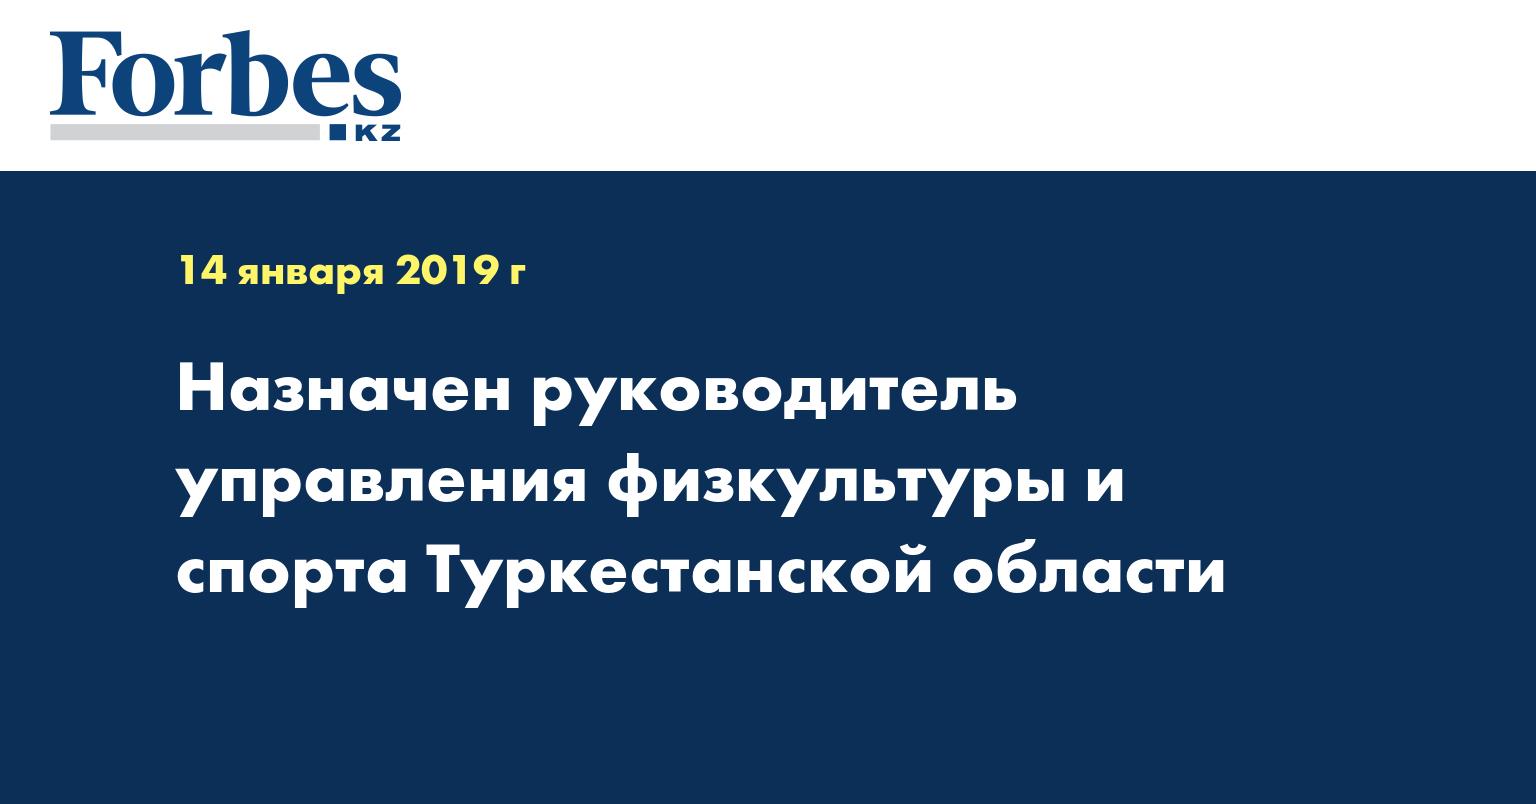 Назначен руководитель управления физкультуры и спорта Туркестанской области